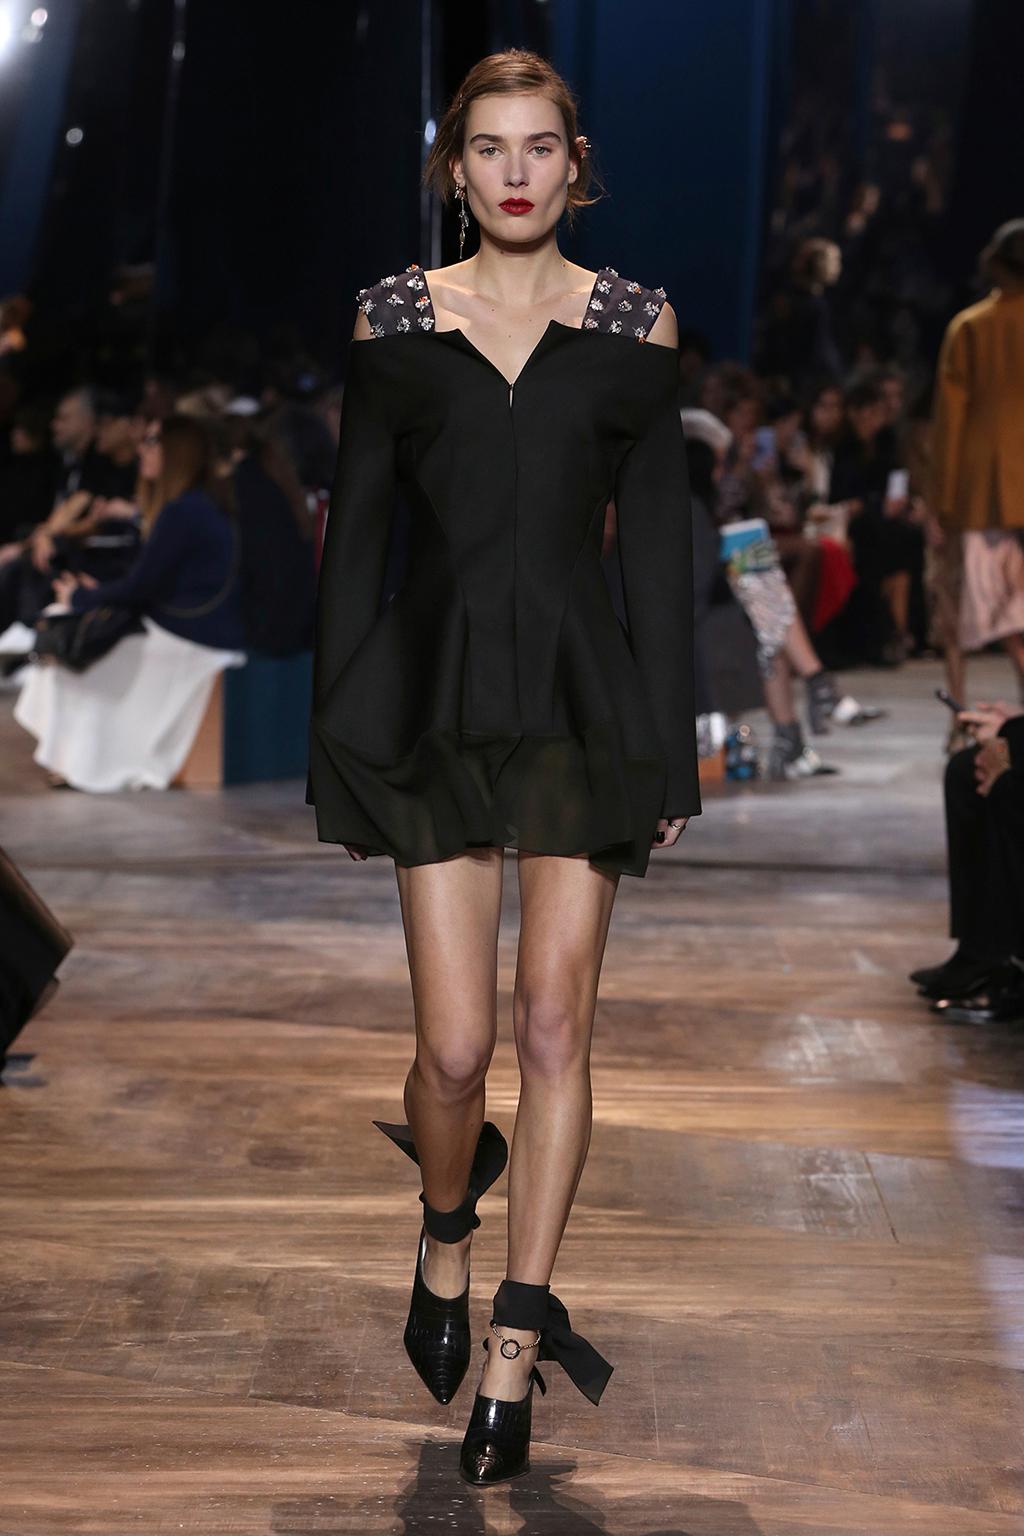 Dior-Couture-Silhouette-12